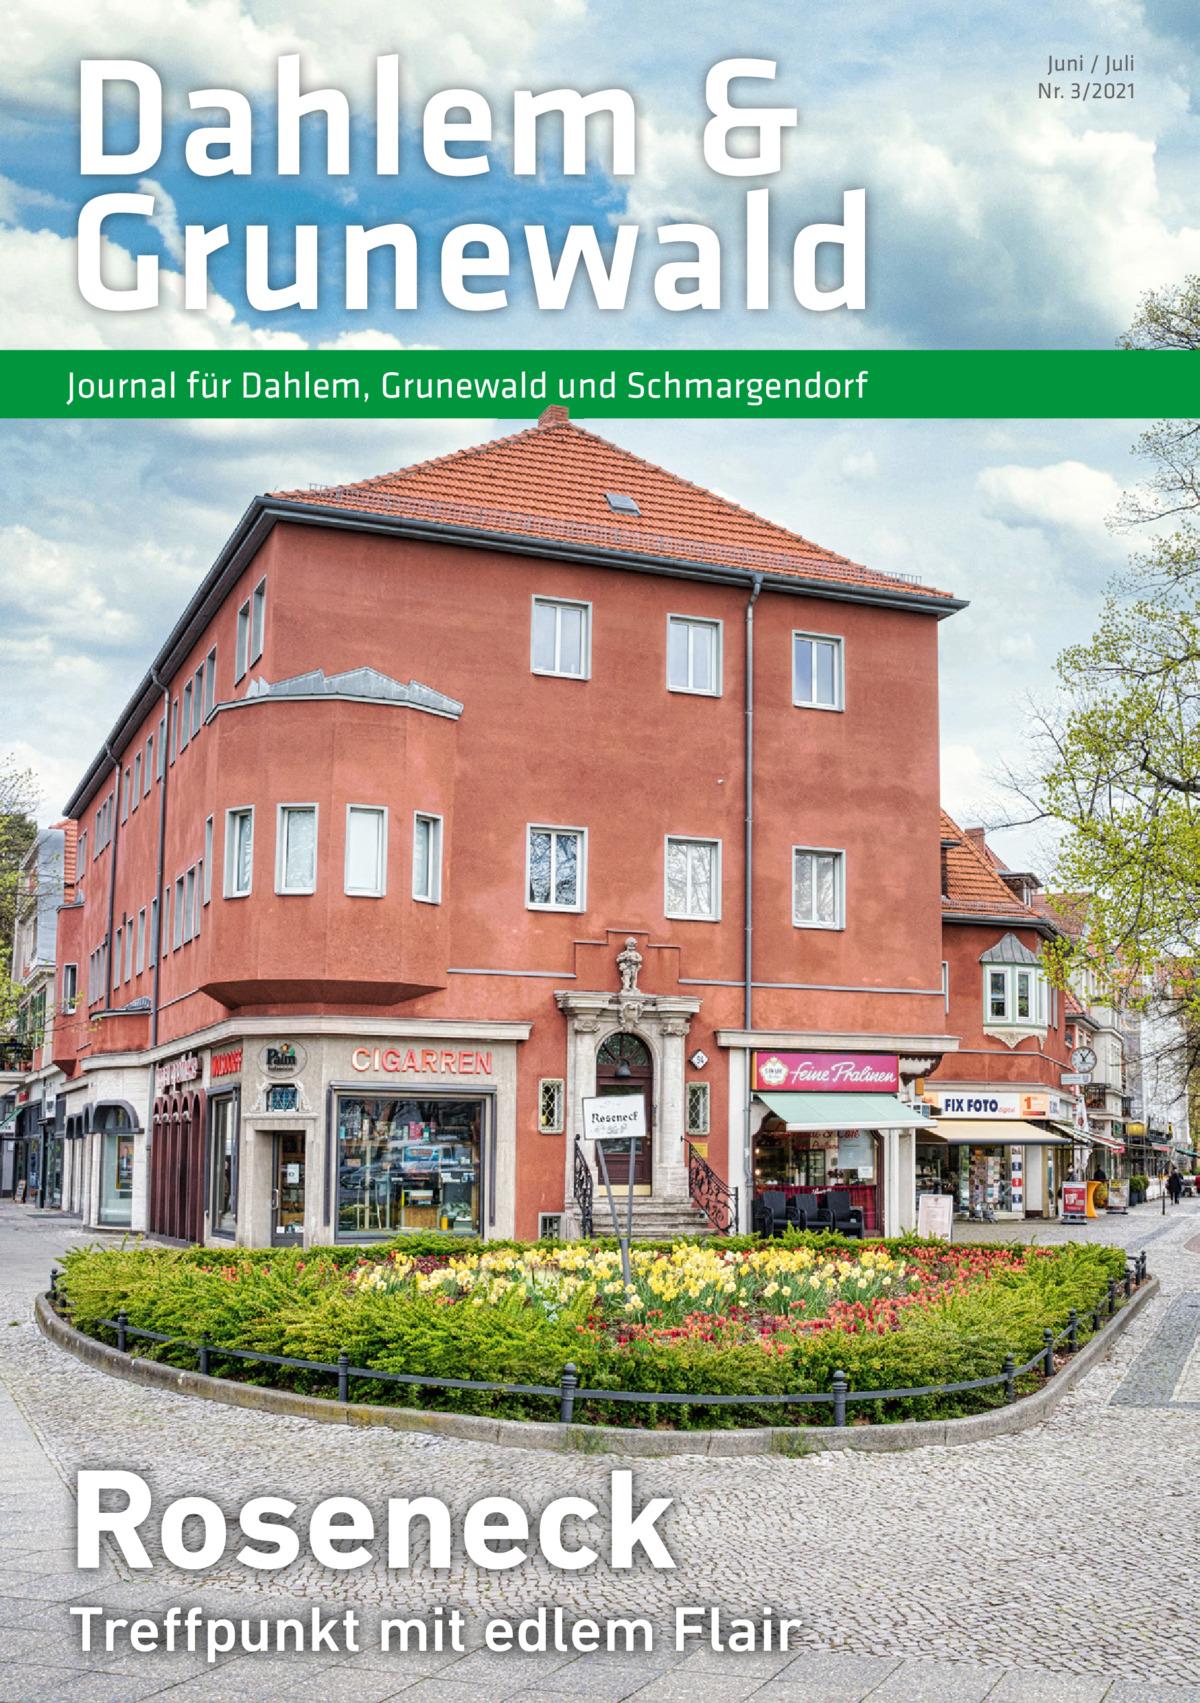 Dahlem & Grunewald Journal für Dahlem, Grunewald und Schmargendorf  Roseneck  Treffpunkt mit edlem Flair  Juni / Juli Nr. 3/2021